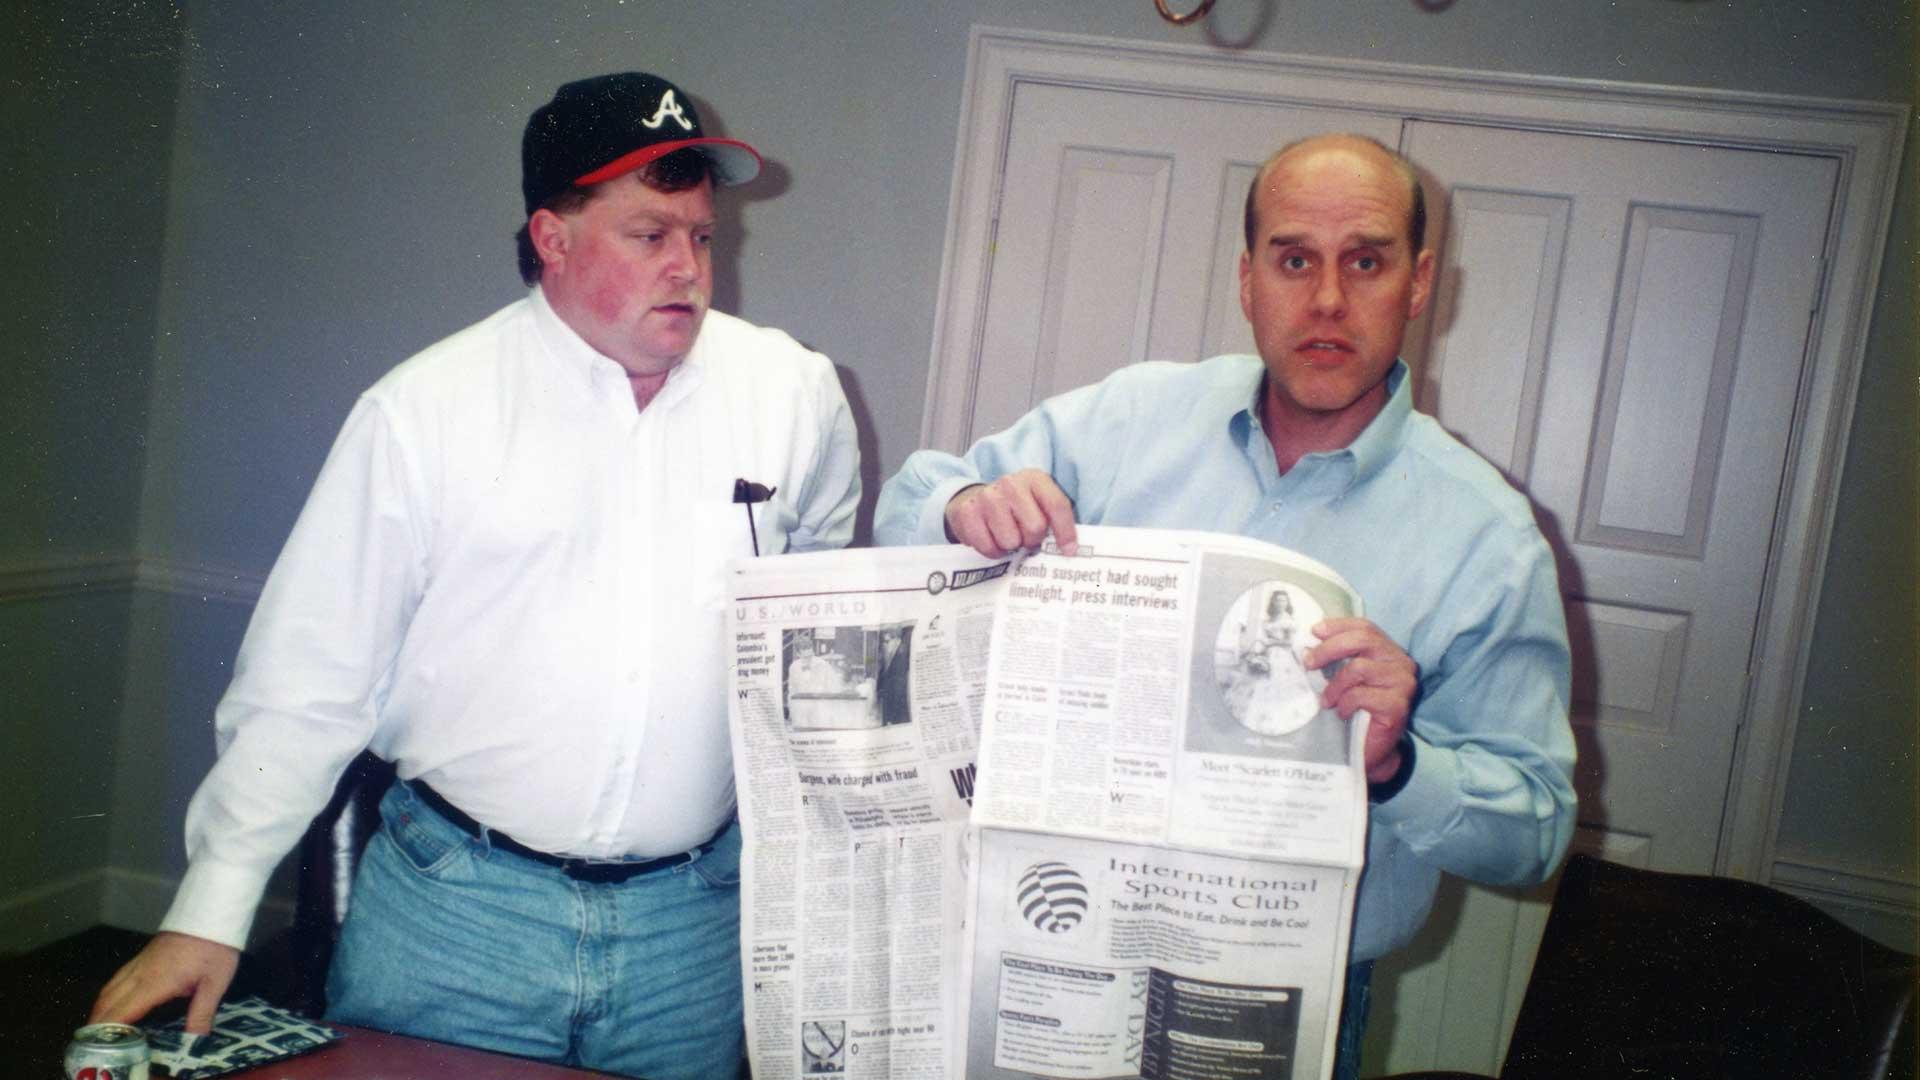 Crímenes que nos cambiaron - Atlanta 96